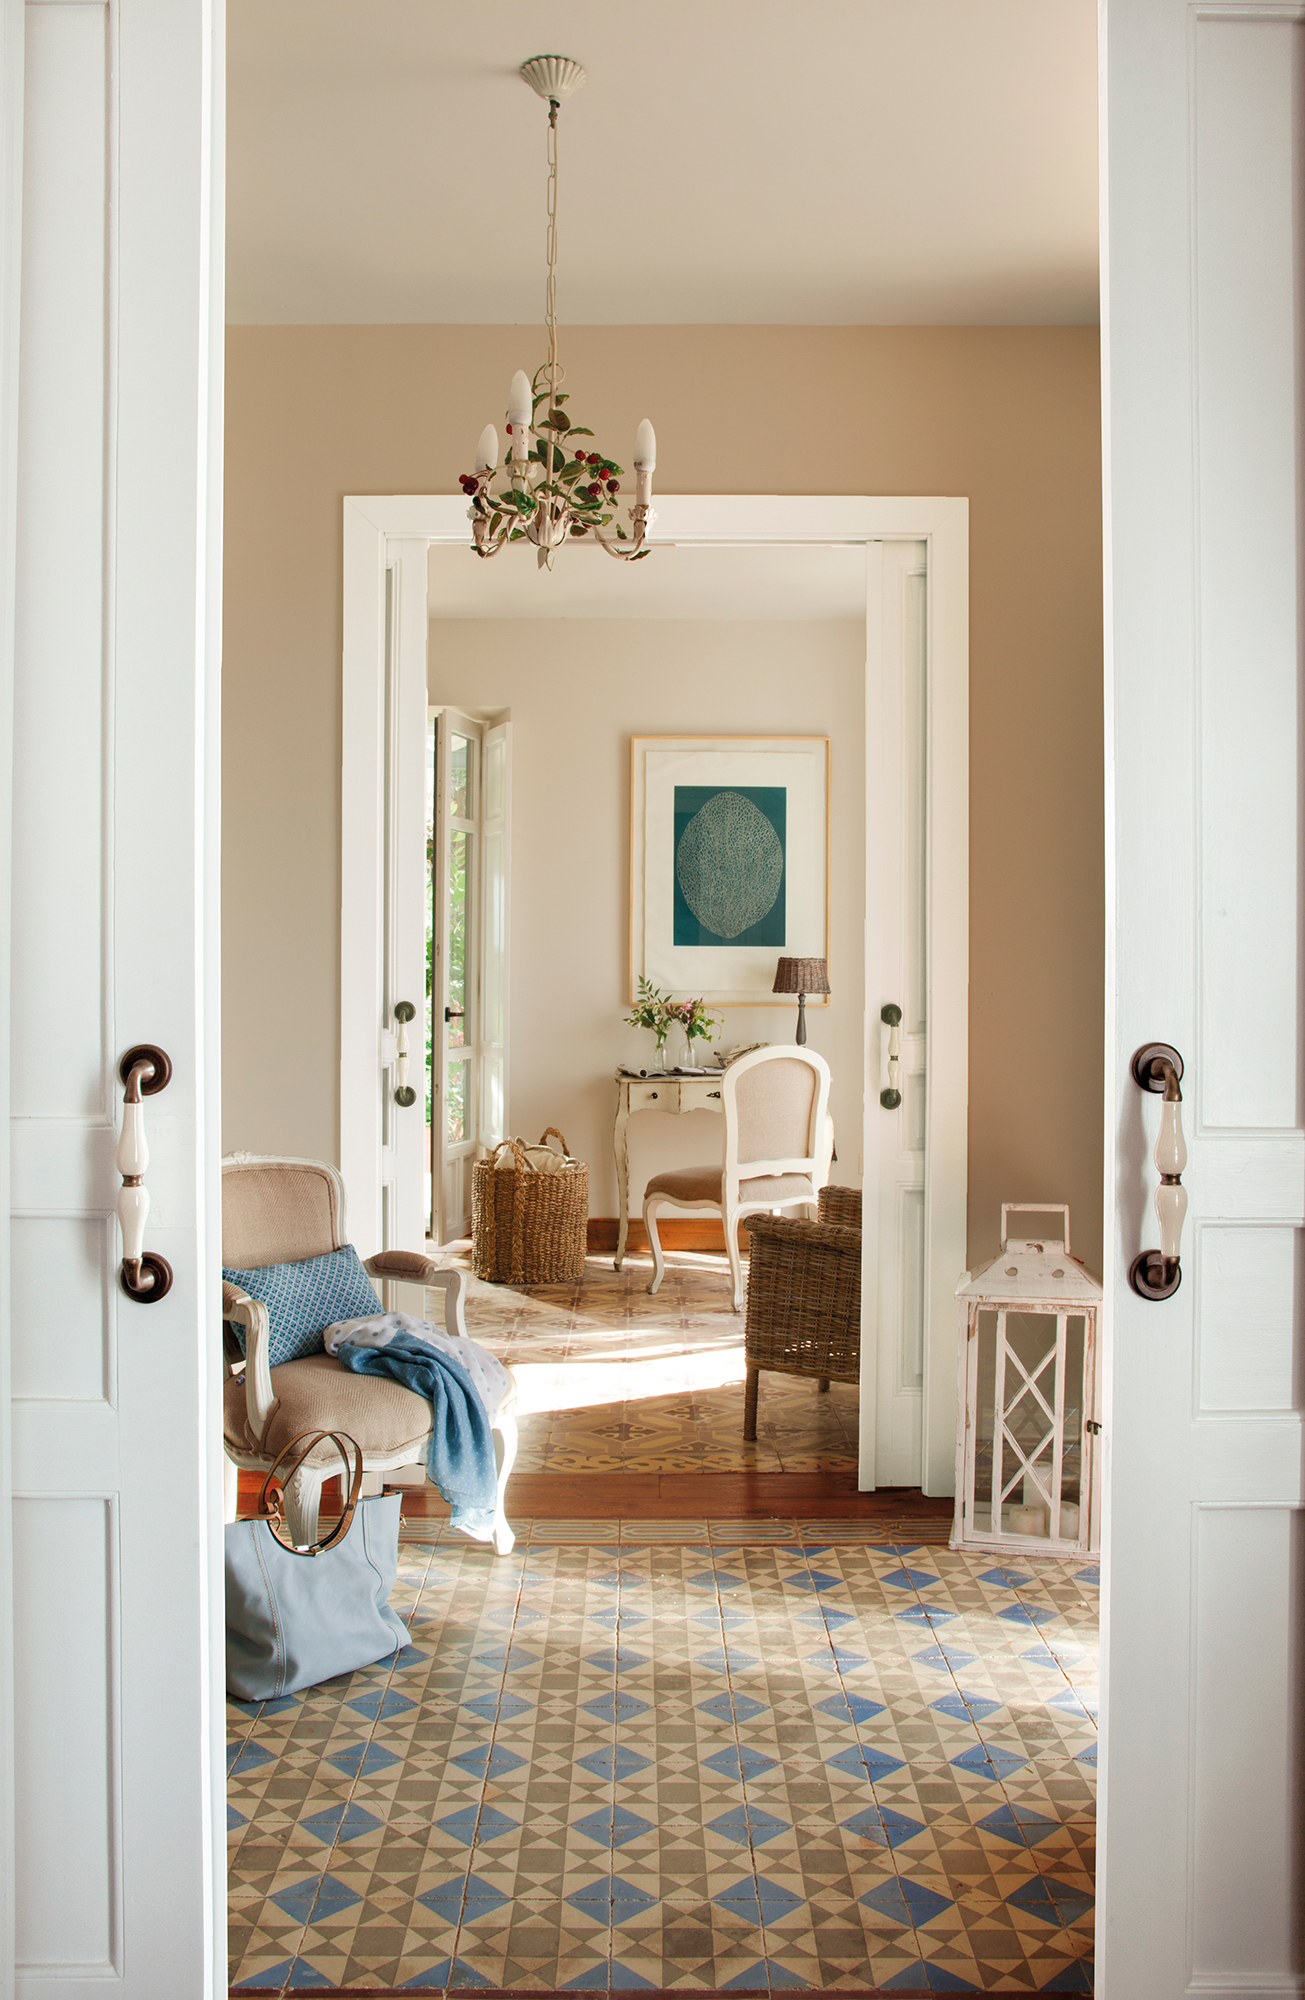 Renueva las manillas y los pomos de las puertas de casa for Como pintar puertas placas nuevas